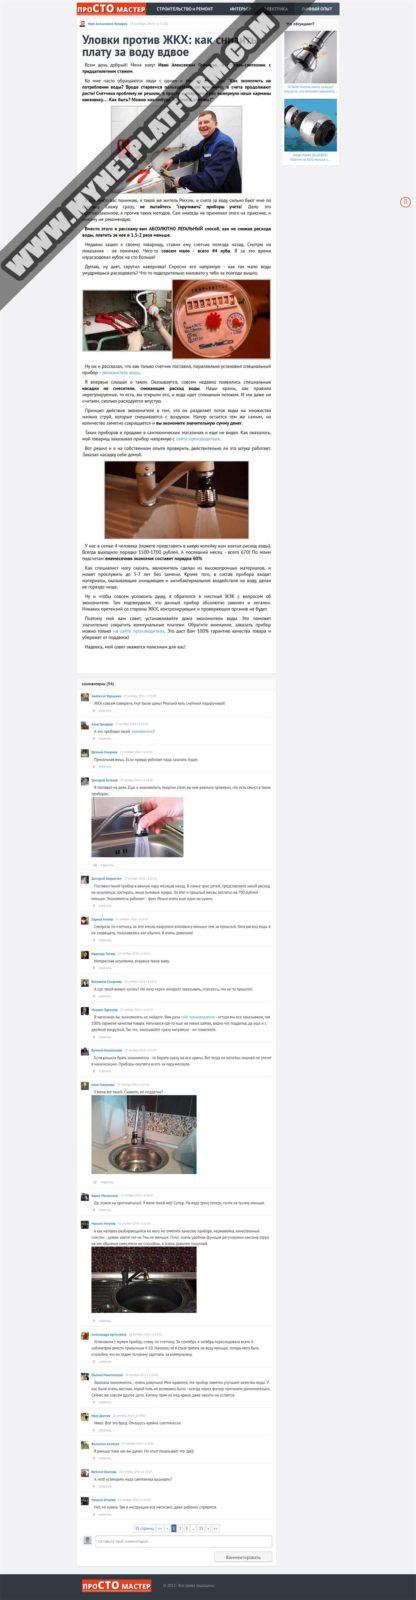 Скриншот Прокладка ПроСТО Мастер для товара Экономитель воды 01